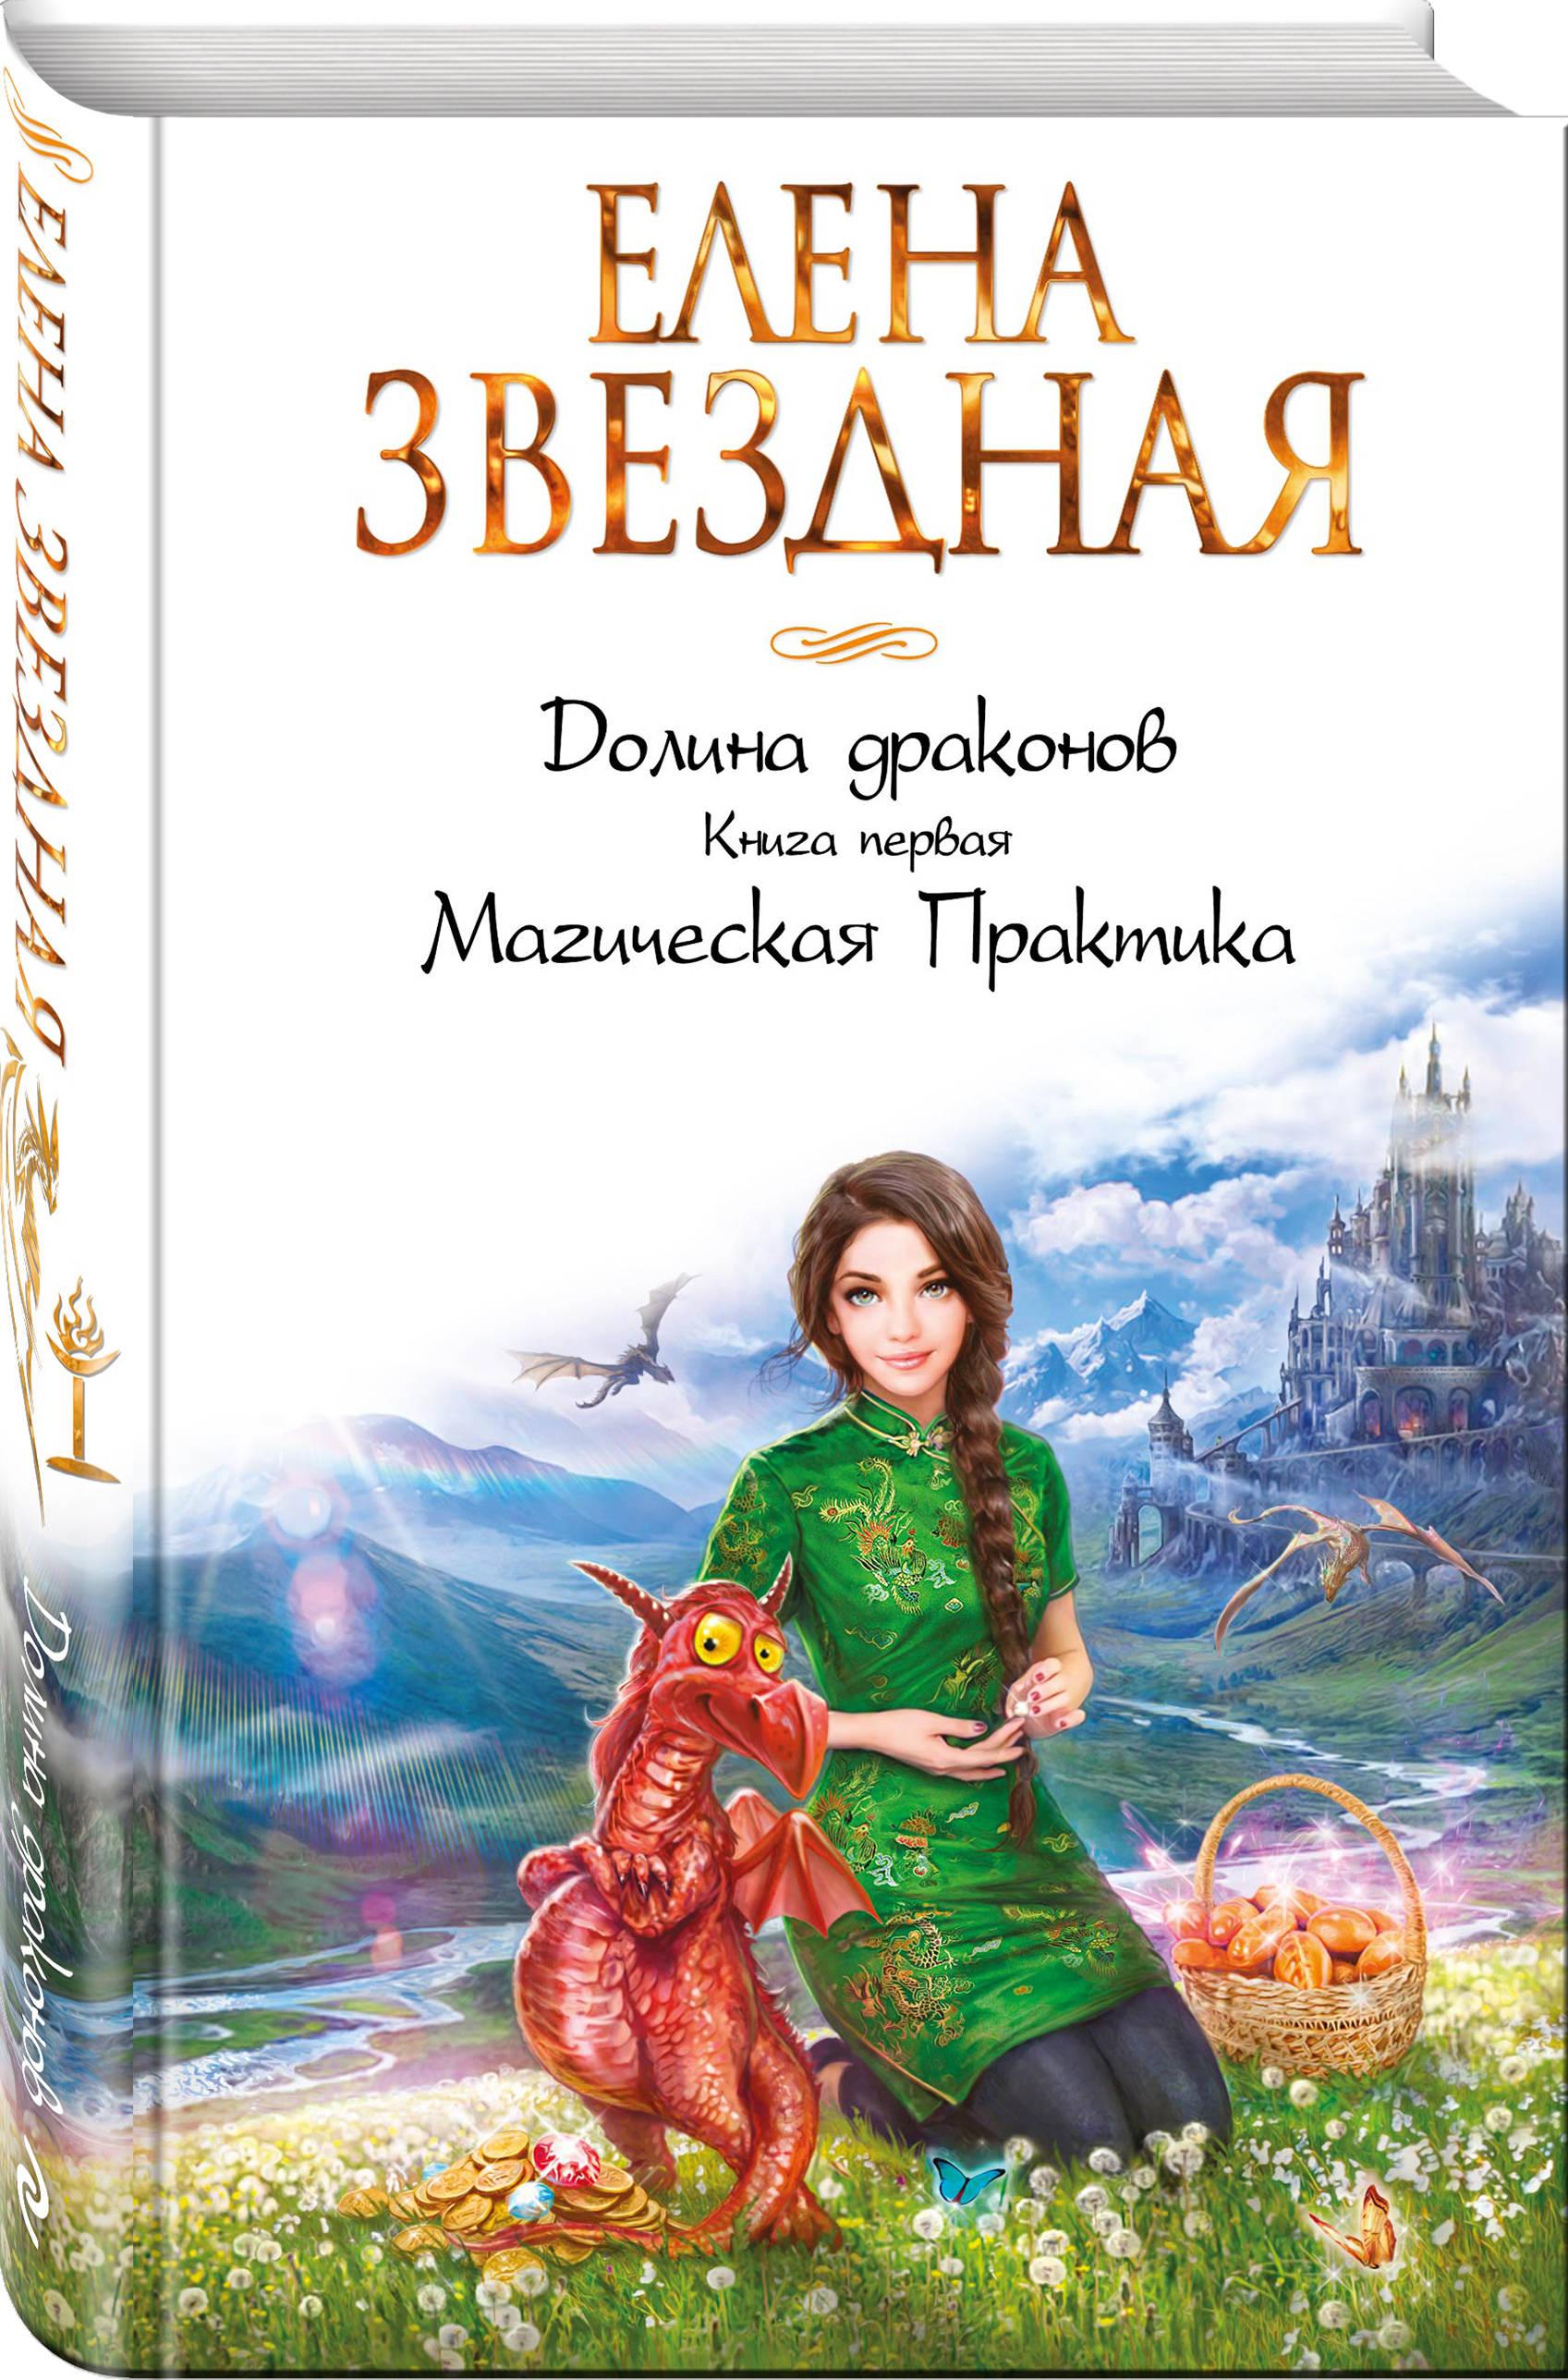 Елена Звездная Долина драконов. Книга первая. Магическая Практика